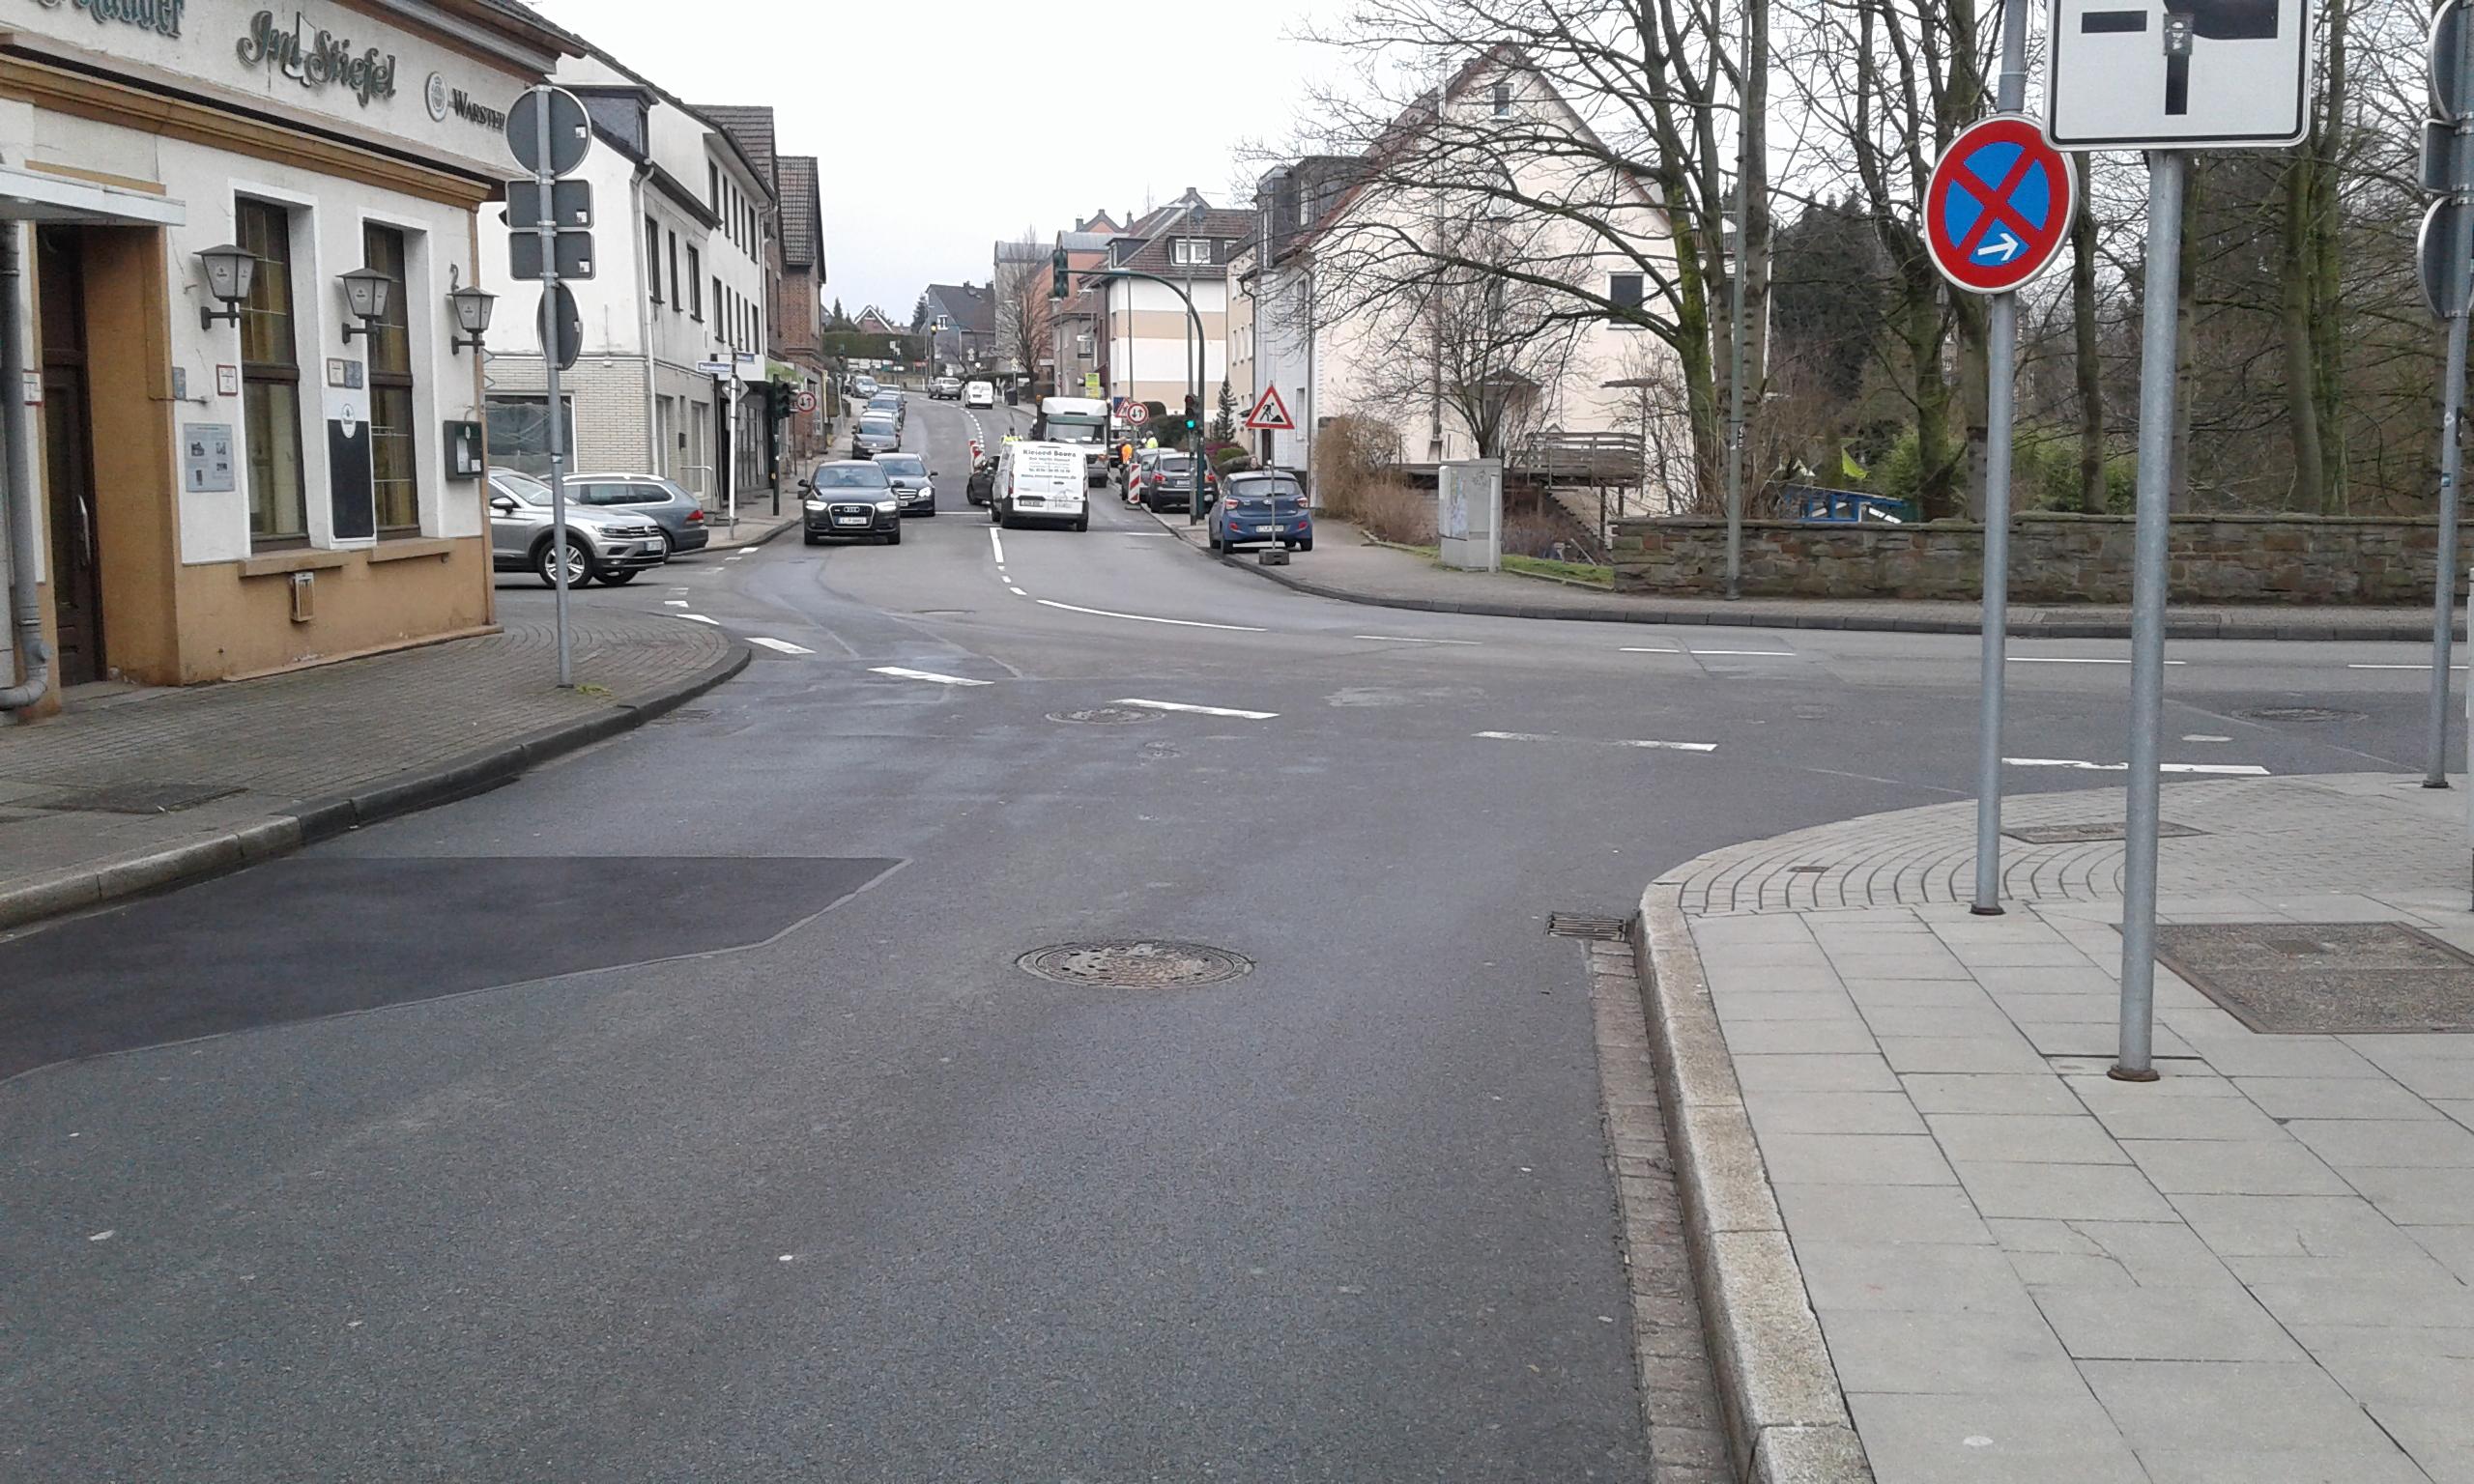 Foto: Blick auf den alten Zustand der Straße Alte Hauptstraße